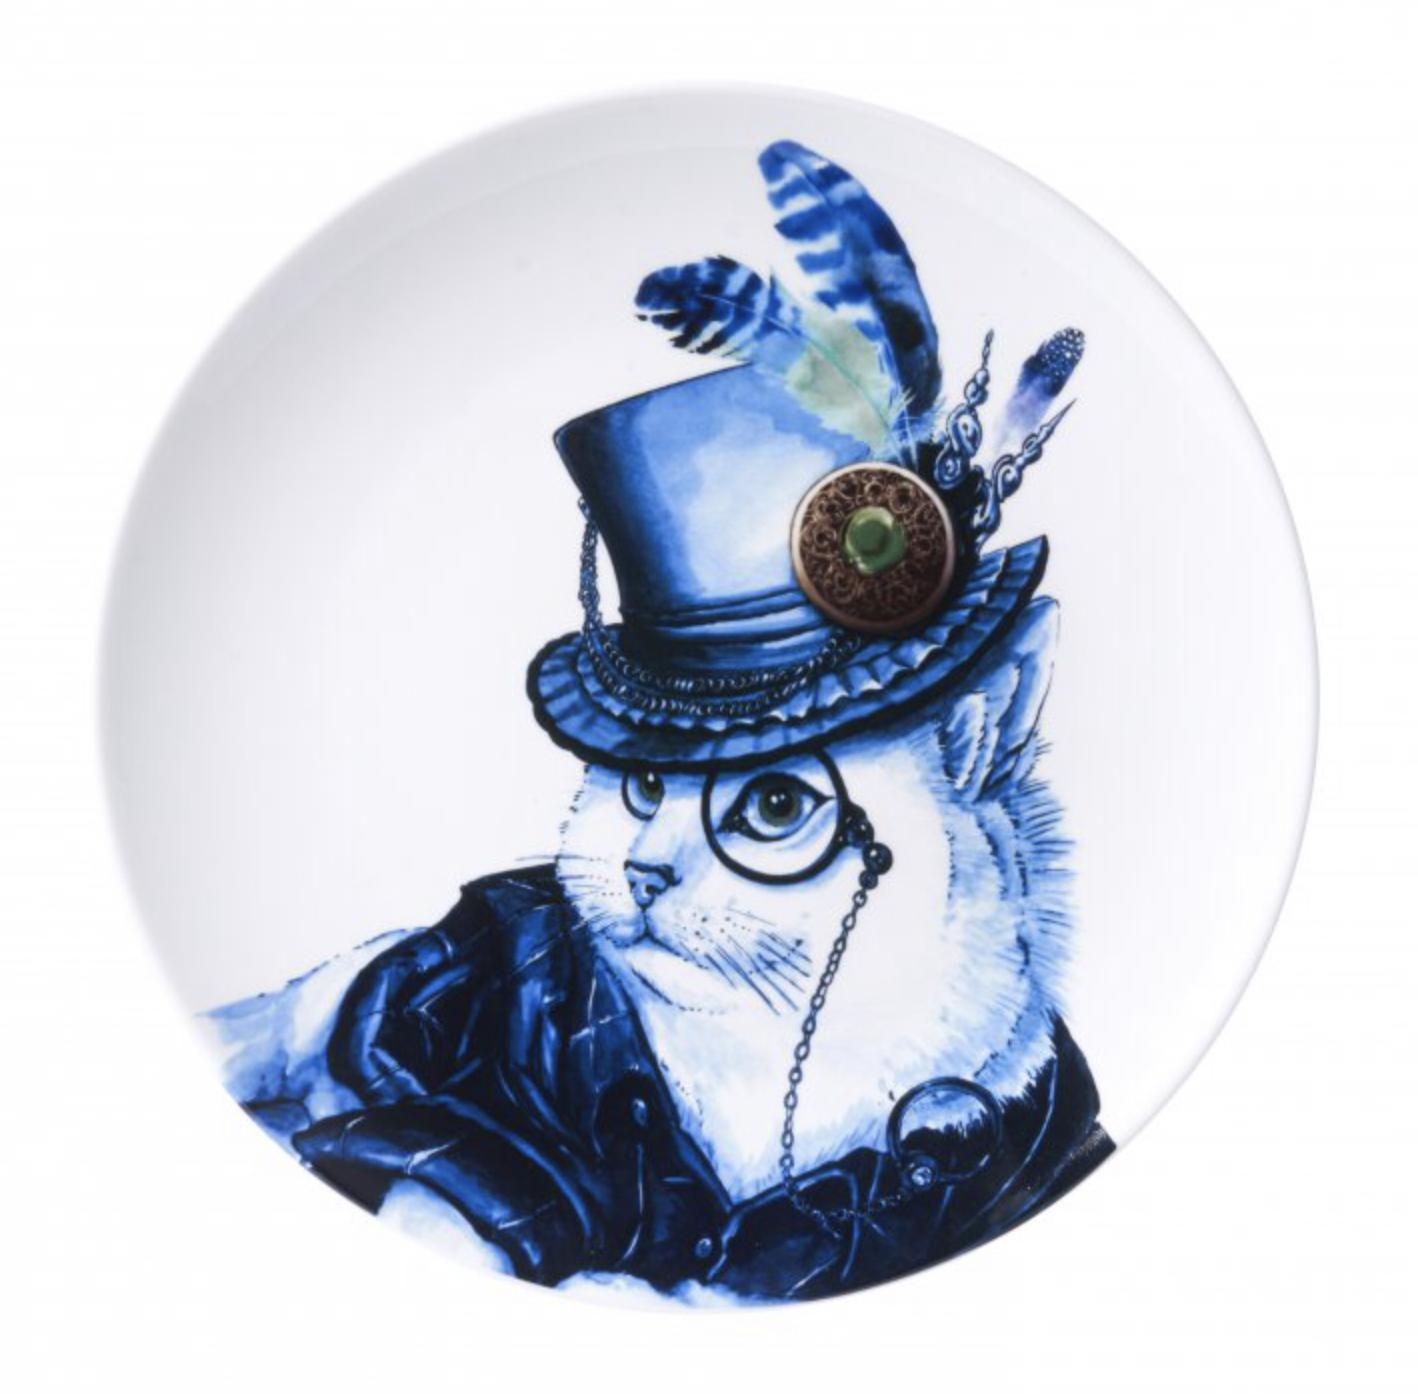 Poes met hoed Heinen Delfts Blauw wand borden bij Angelart Kunst en Zo Hattem dieren